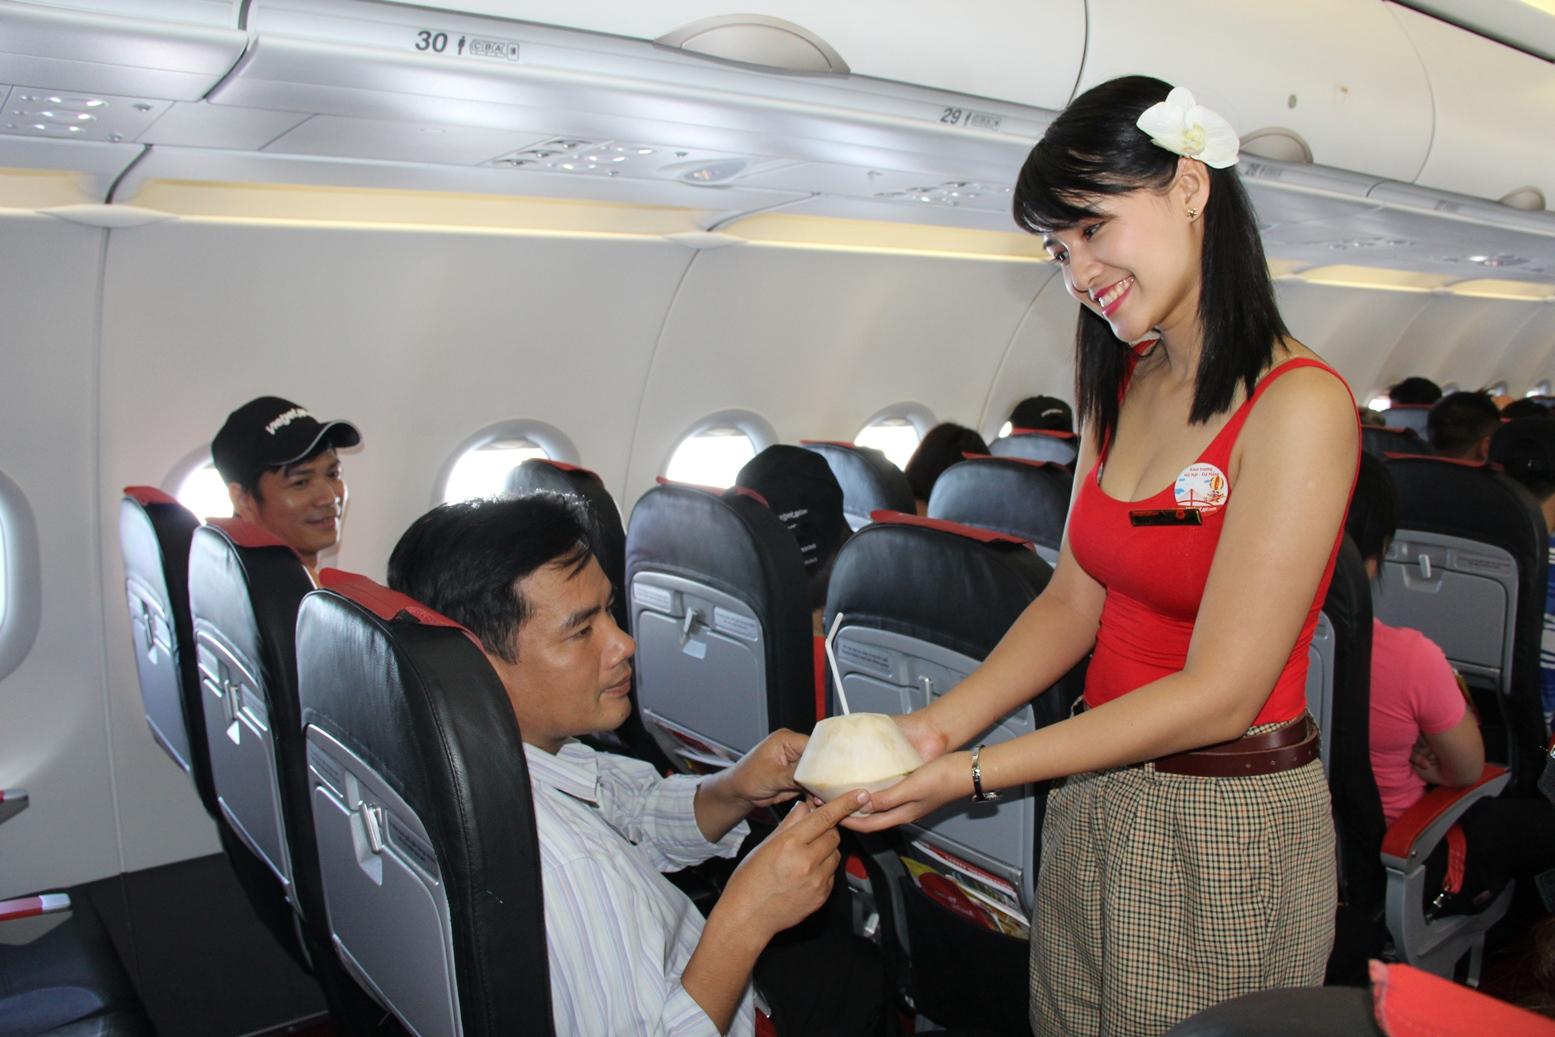 Đi máy bay có bị say không và cách chống say khi đi máy bay